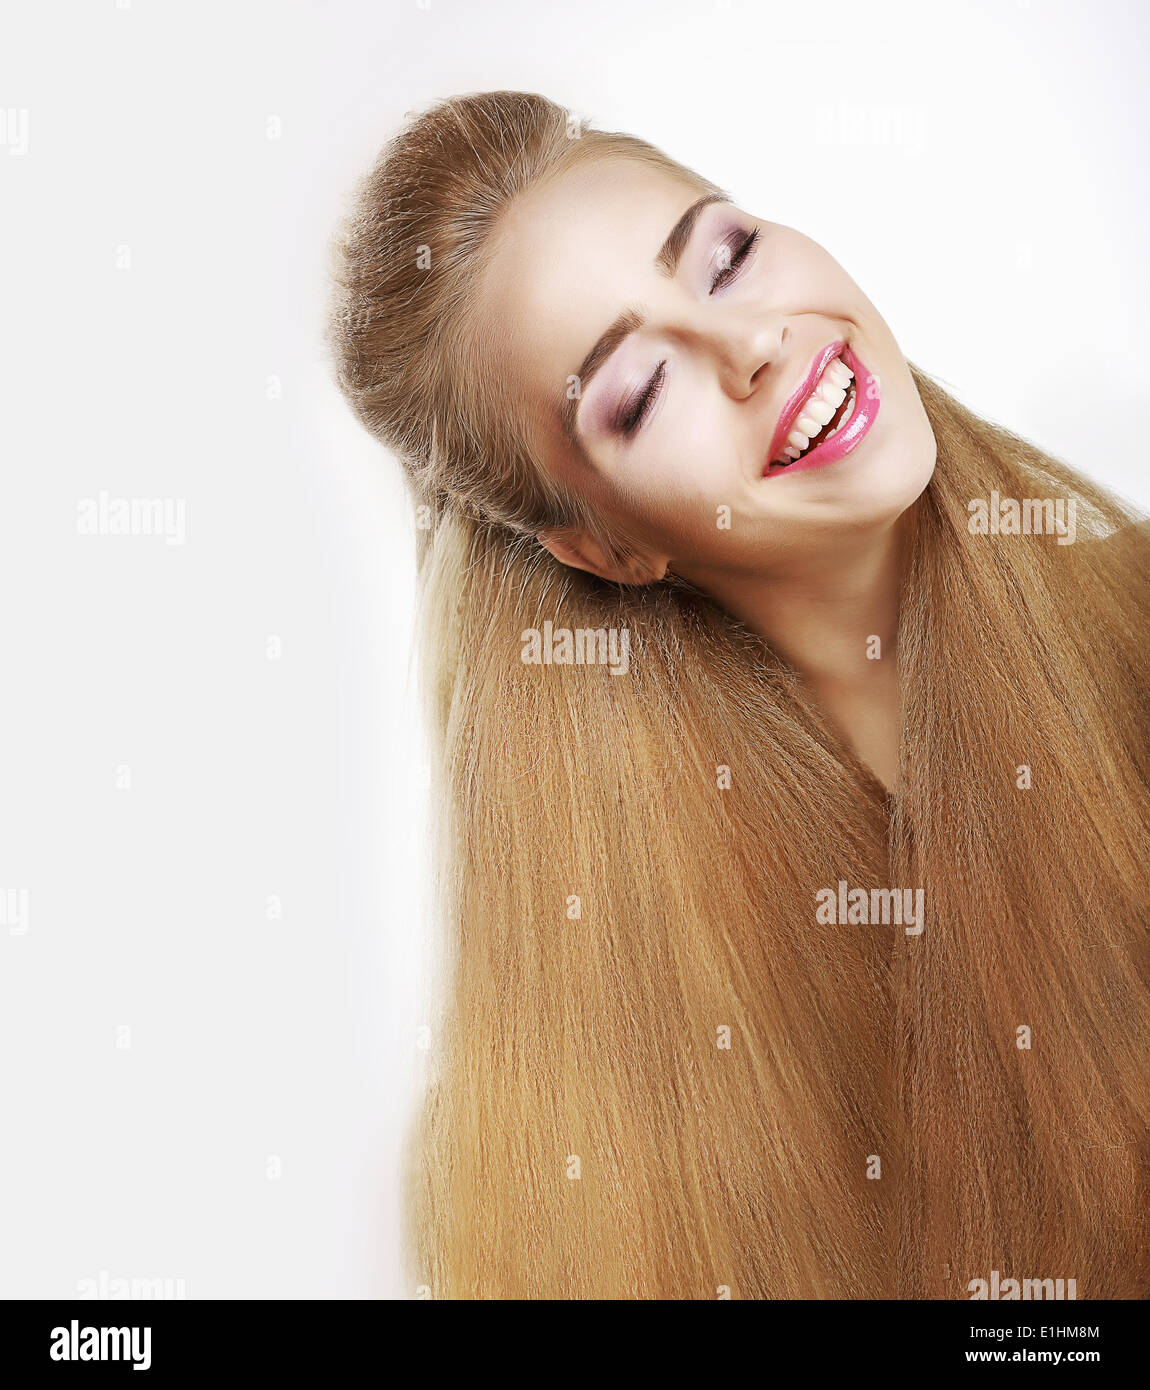 Sorriso sincero. Giubilanti giovane donna con flusso di capelli sani. Piacere Immagini Stock